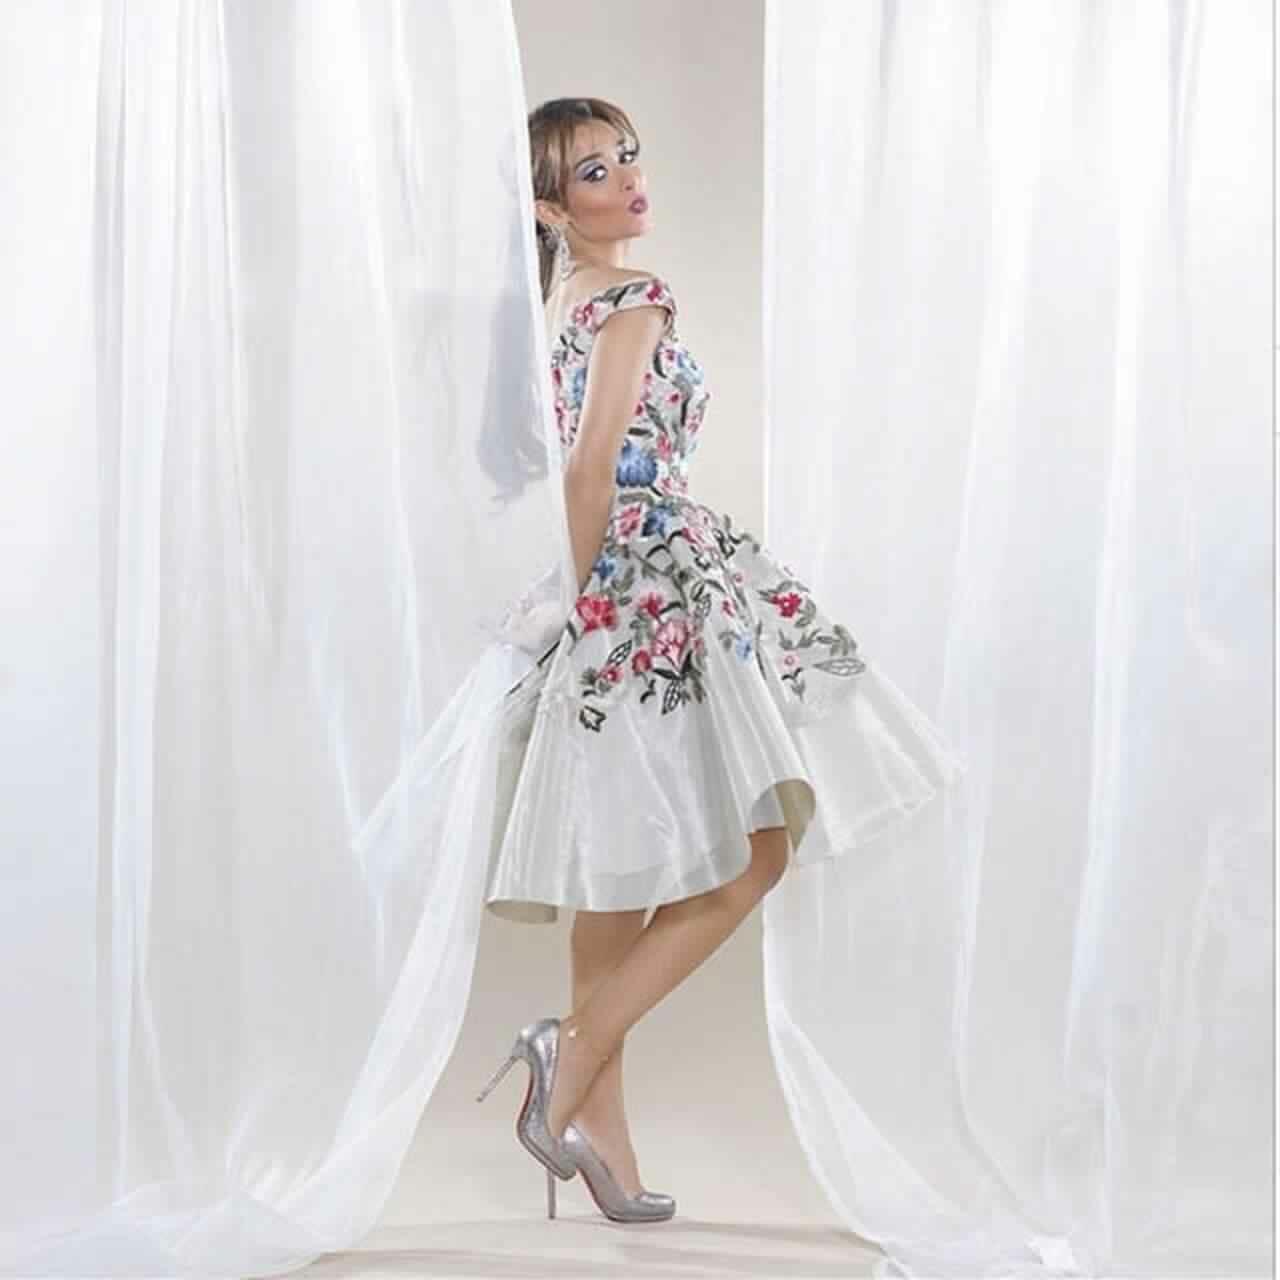 صور أحدث الفساتين التصميمات المميزة لبلقيس فتحى روعة